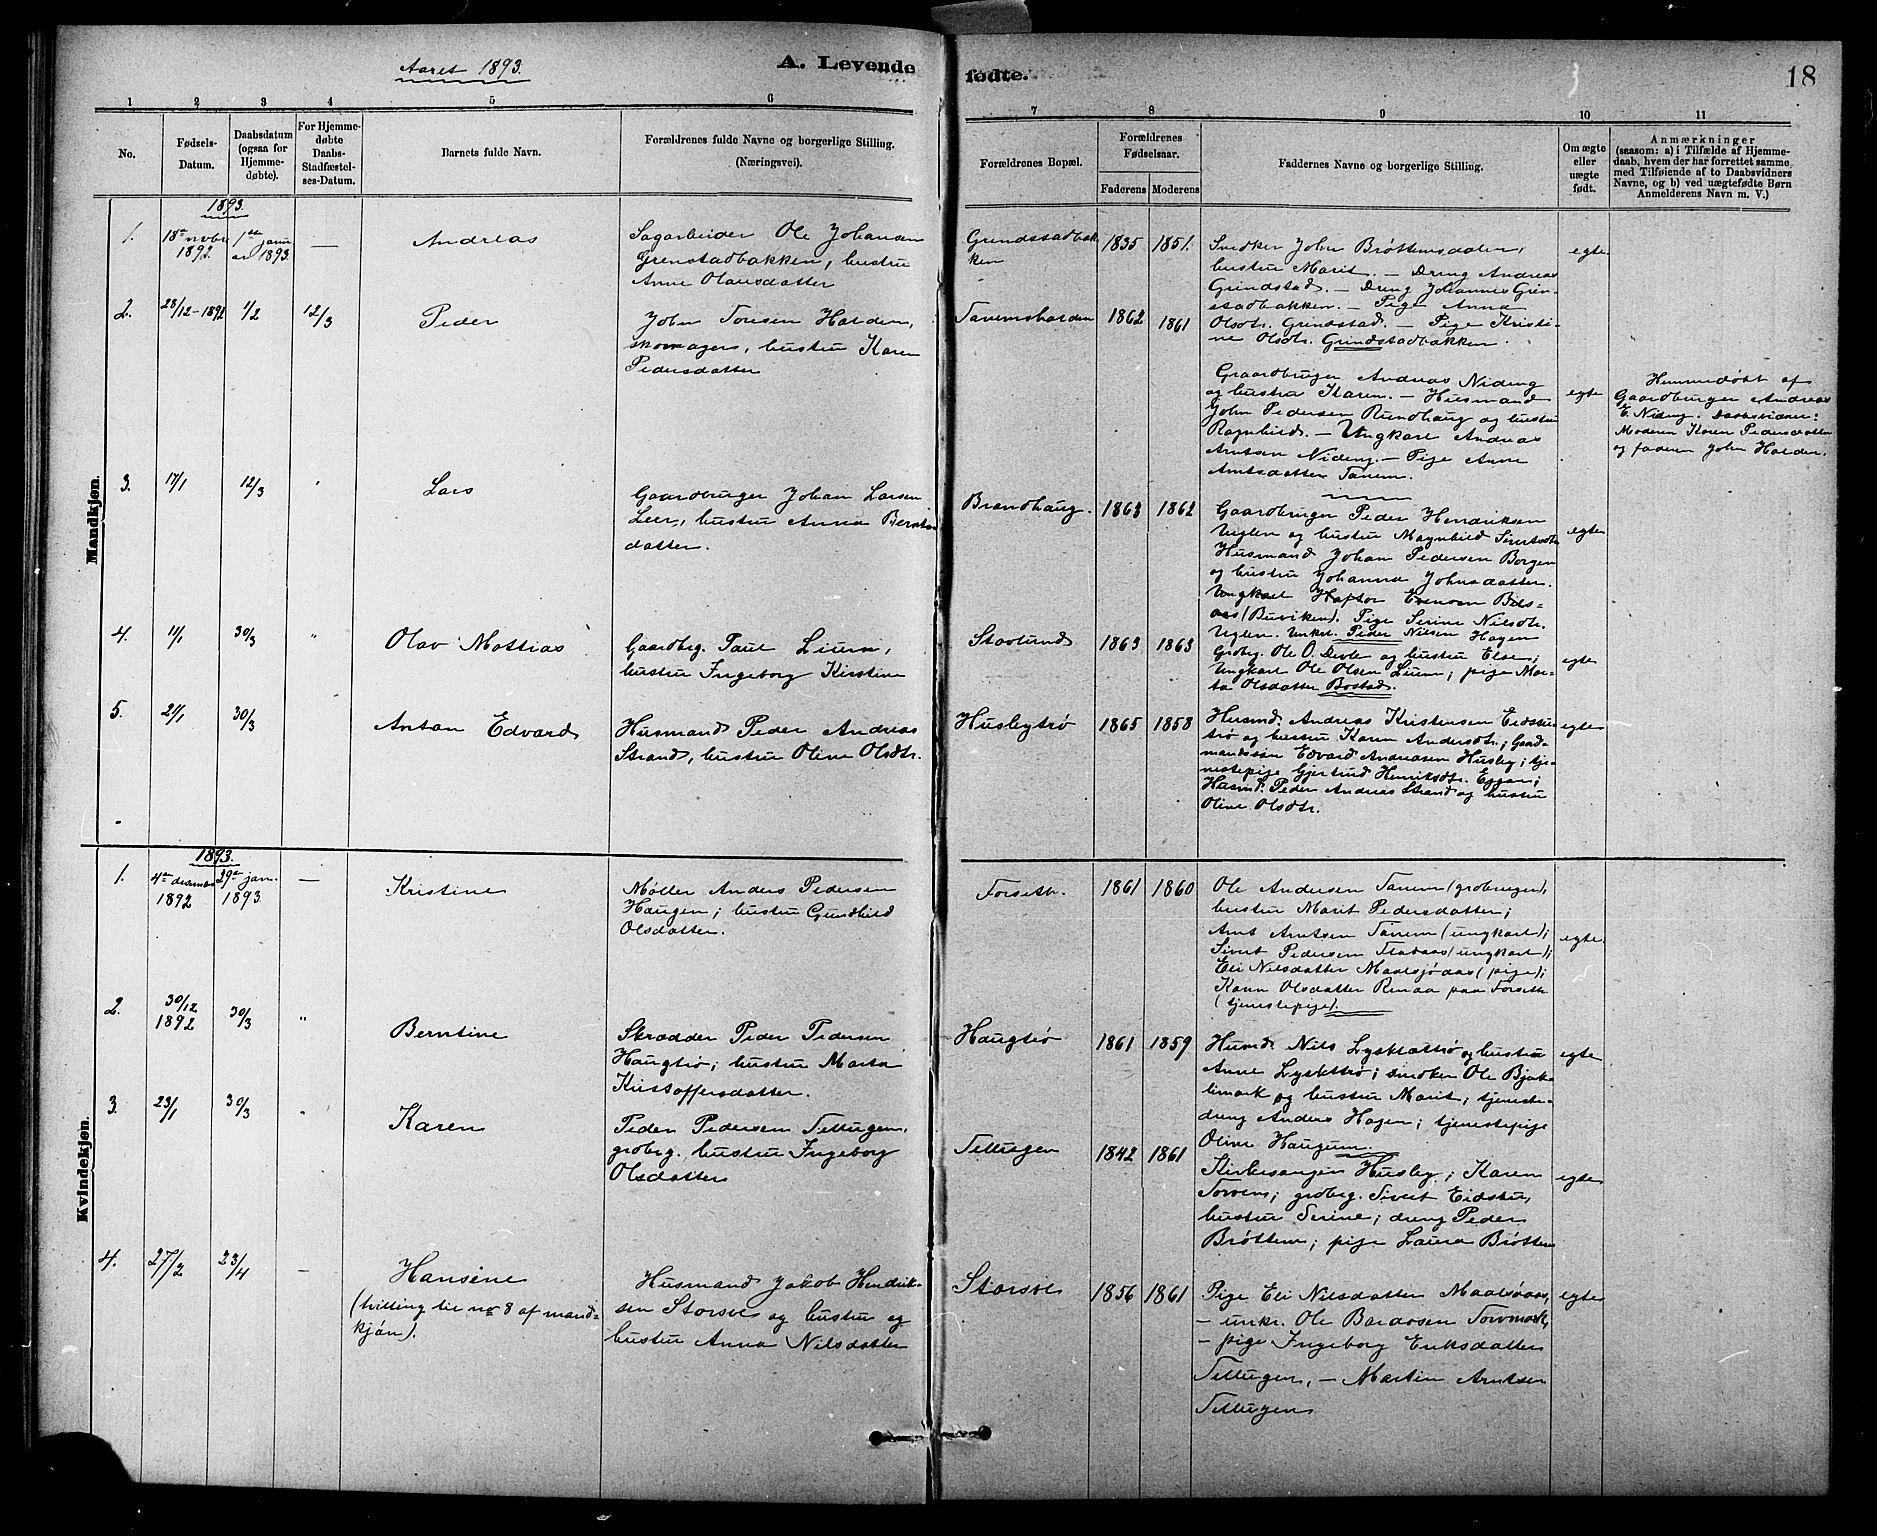 SAT, Ministerialprotokoller, klokkerbøker og fødselsregistre - Sør-Trøndelag, 618/L0452: Klokkerbok nr. 618C03, 1884-1906, s. 18